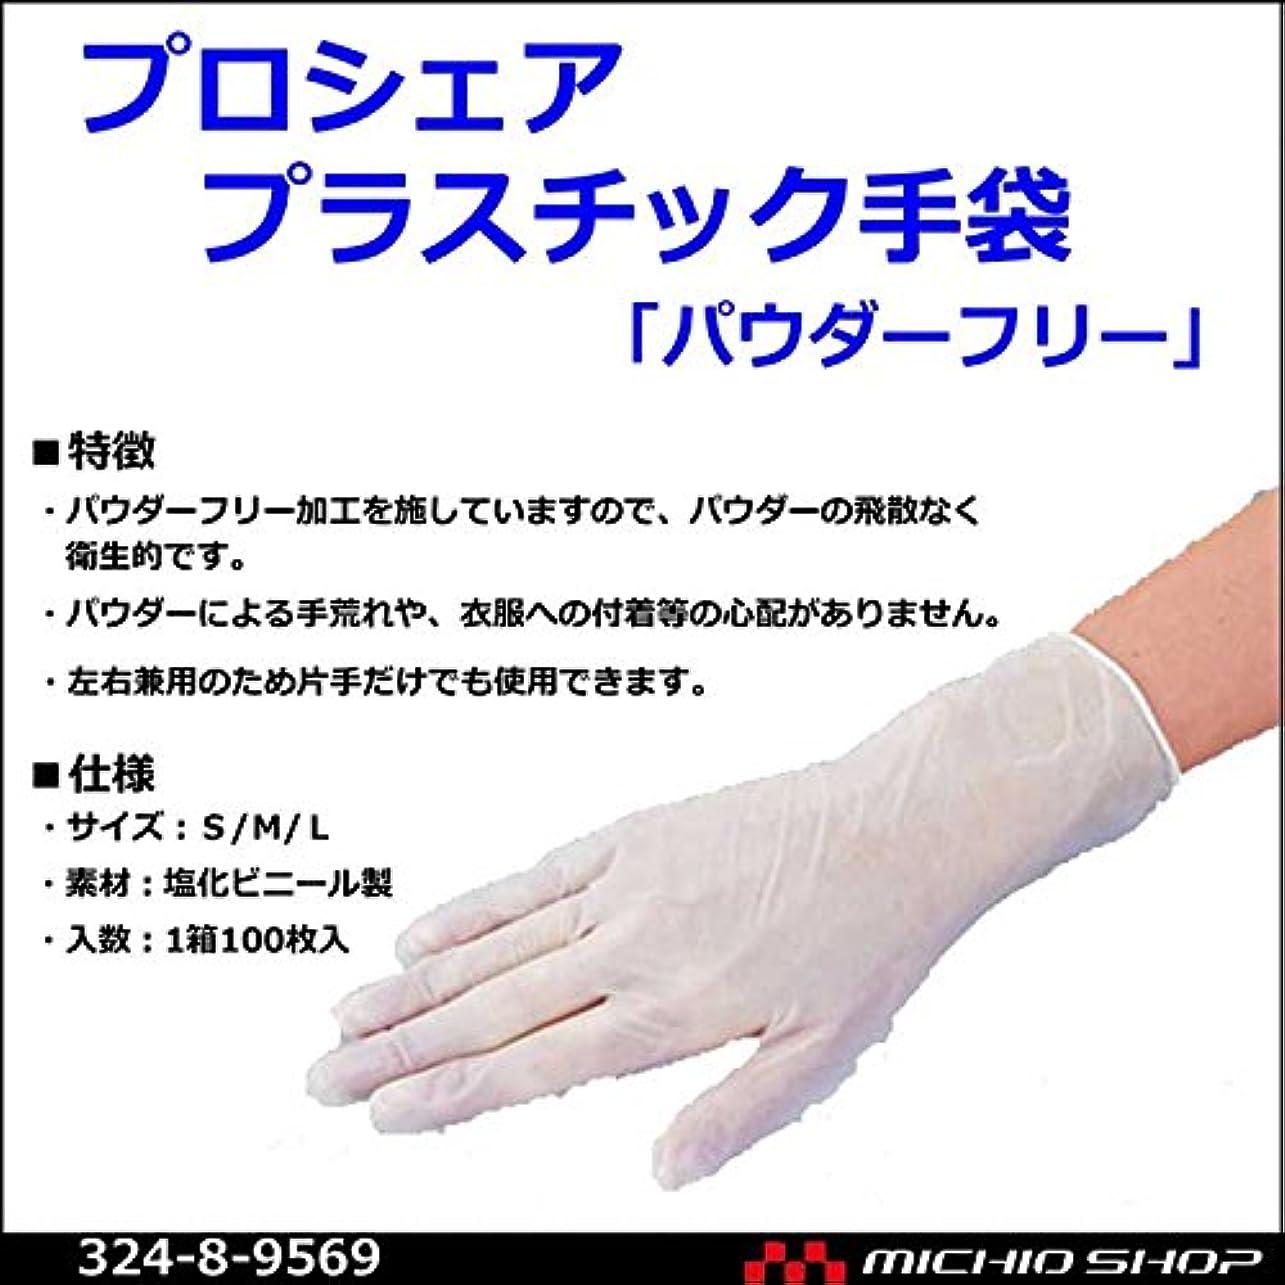 不変追加するバイソンアズワン プロシェアプラスチック手袋 100枚入 8-9569 02 M